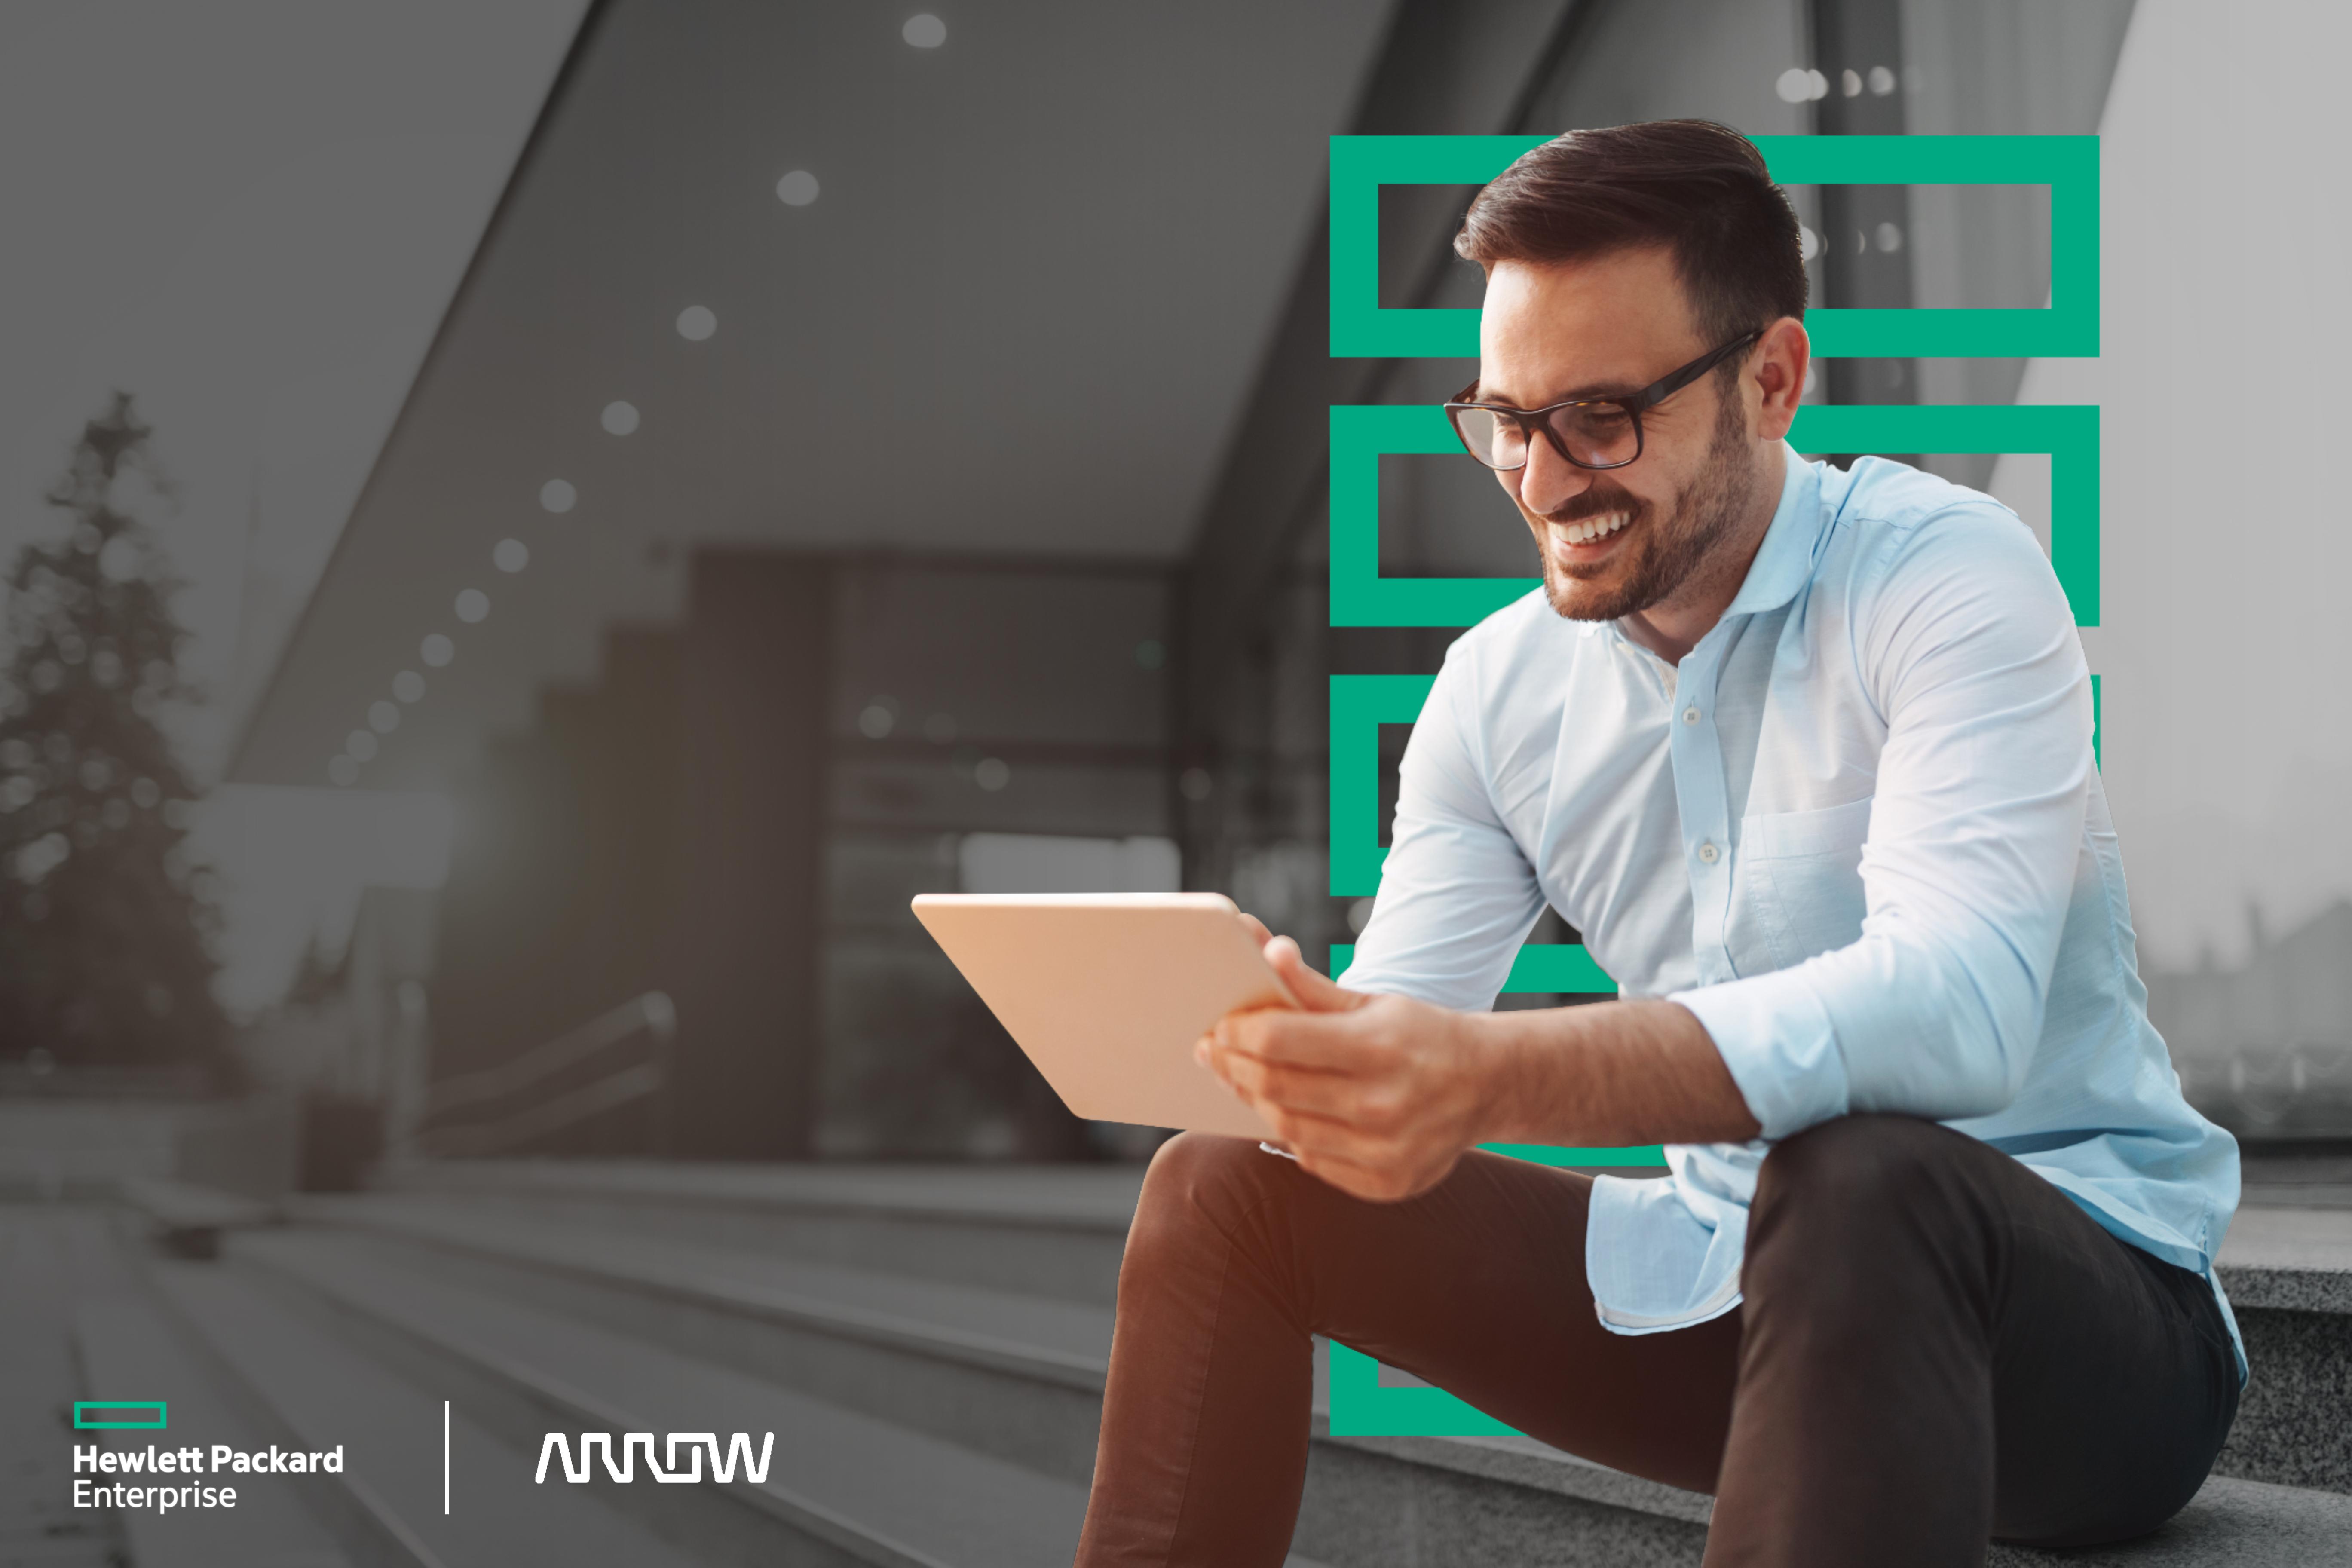 Arrow i HPE wspierają firmy w nowych realiach rynkowych